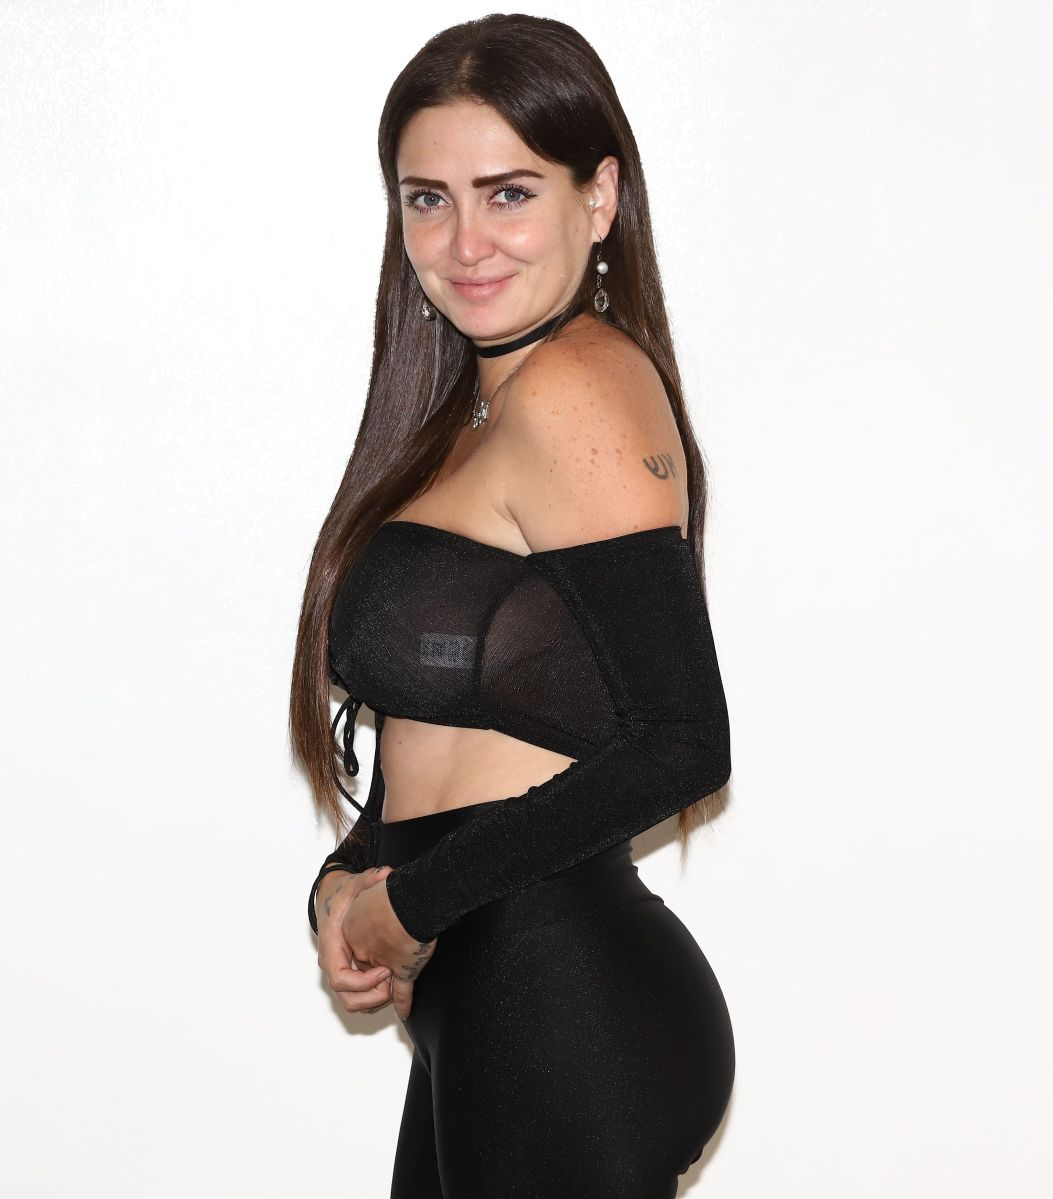 Celia Lora desnuda su cuerpo y lo cubre con anillos de compromiso para celebrar ¡10 millones de seguidores!